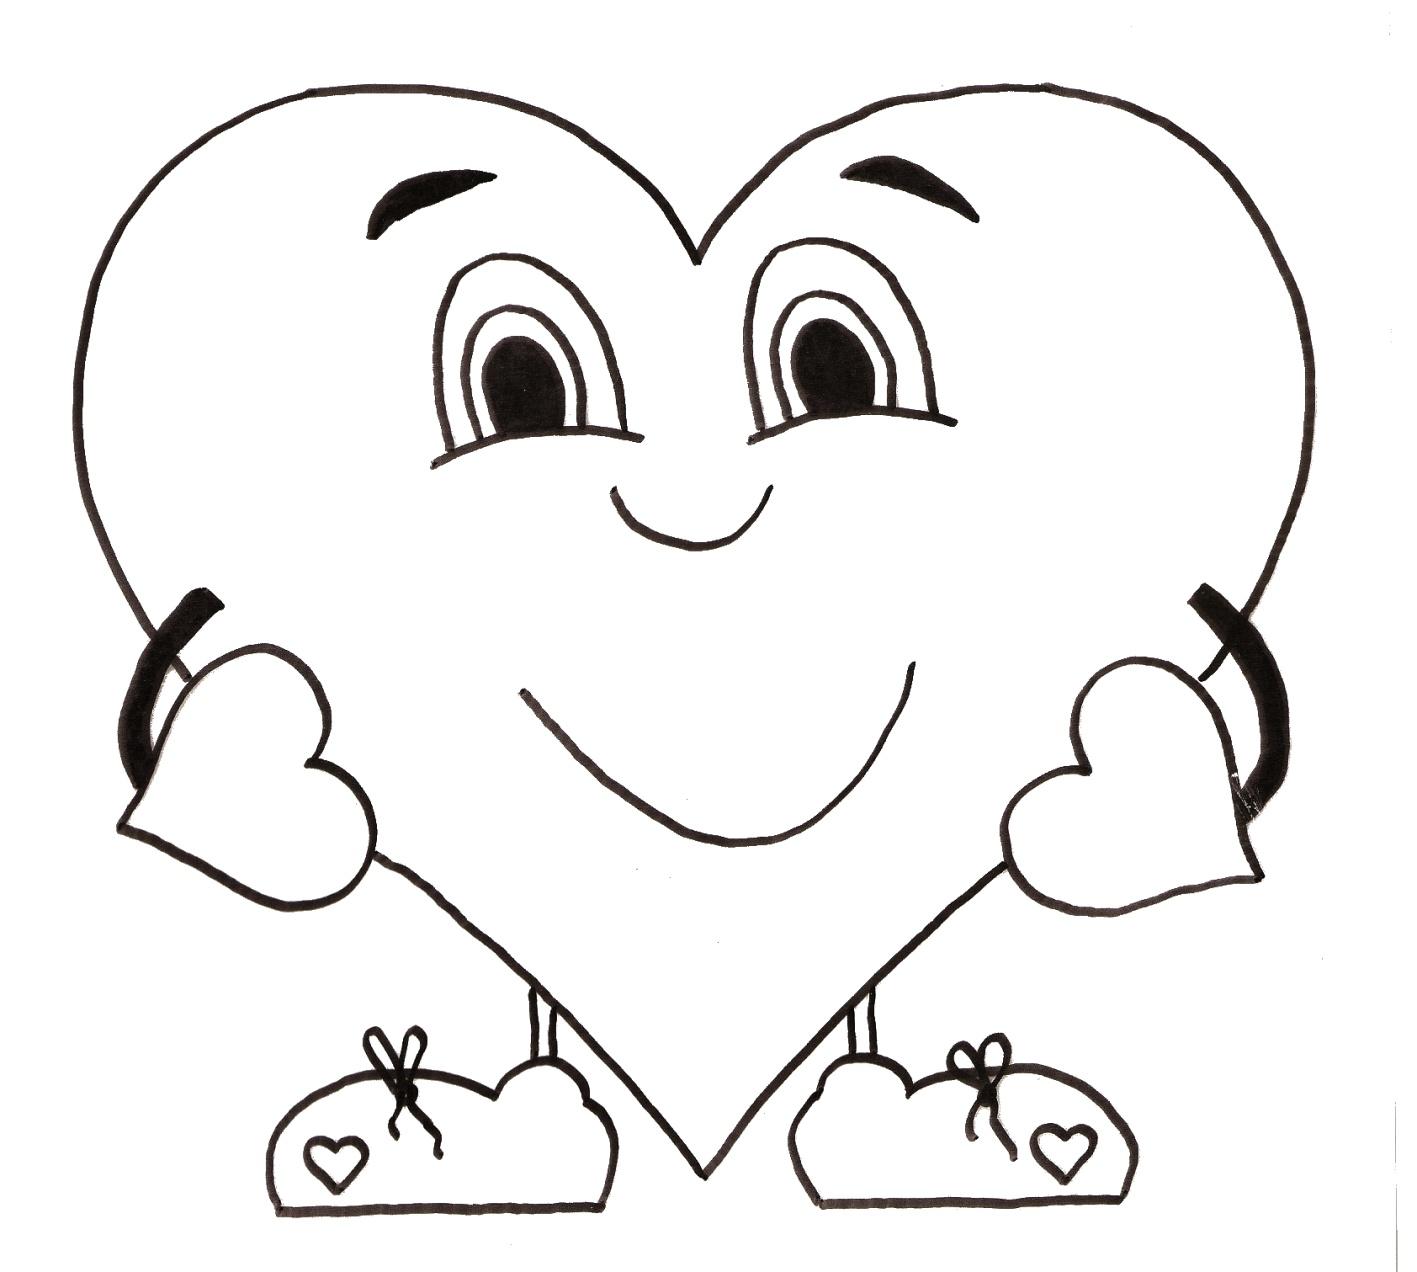 Coloriage coeur hugo l 39 escargot - Dessin coeur humain ...